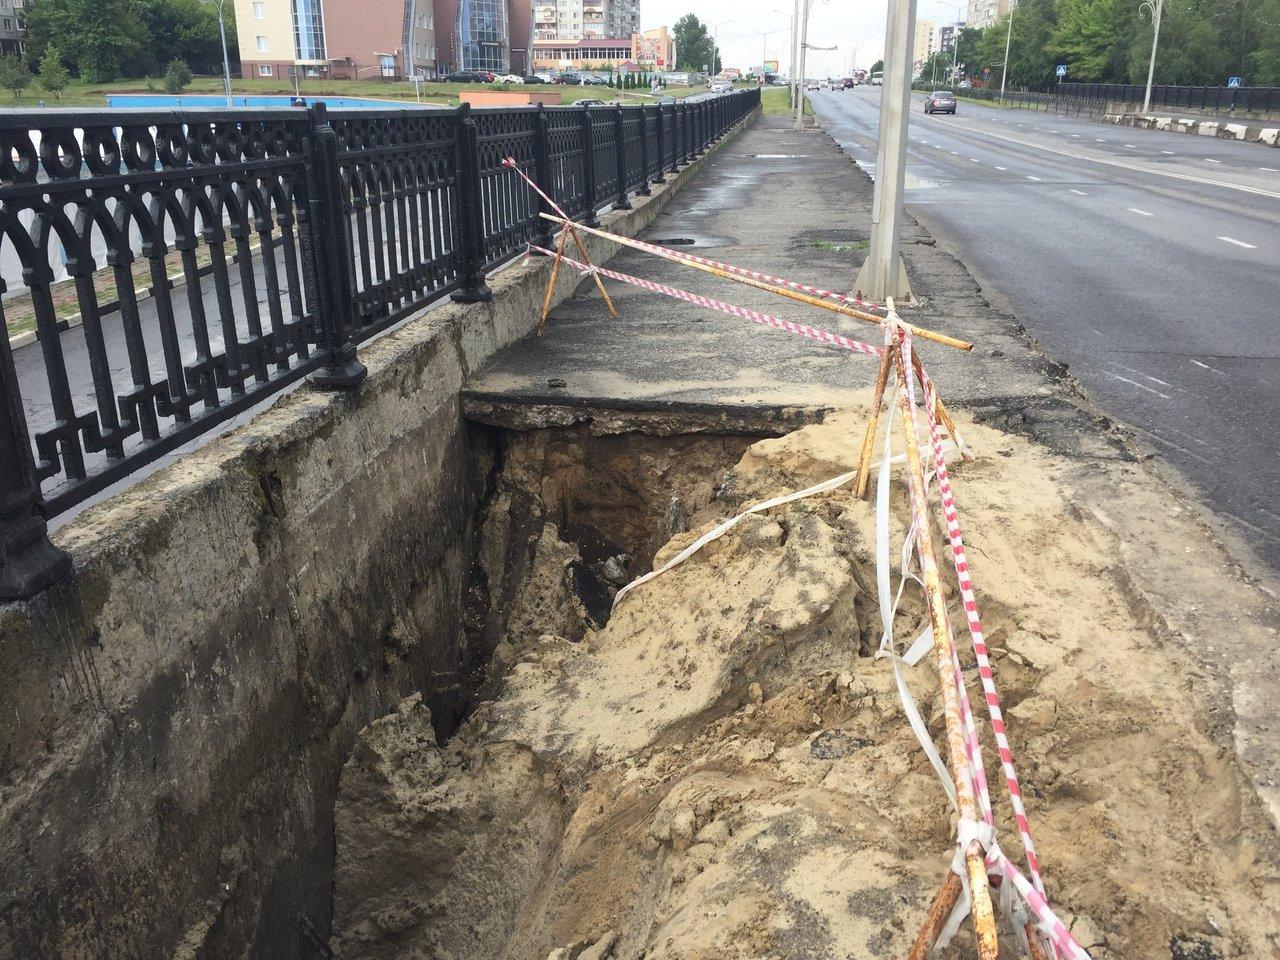 В Старом Осколе закрыли от пешеходов разрушенный дождями мост. На ремонт пока нет средств, фото-1